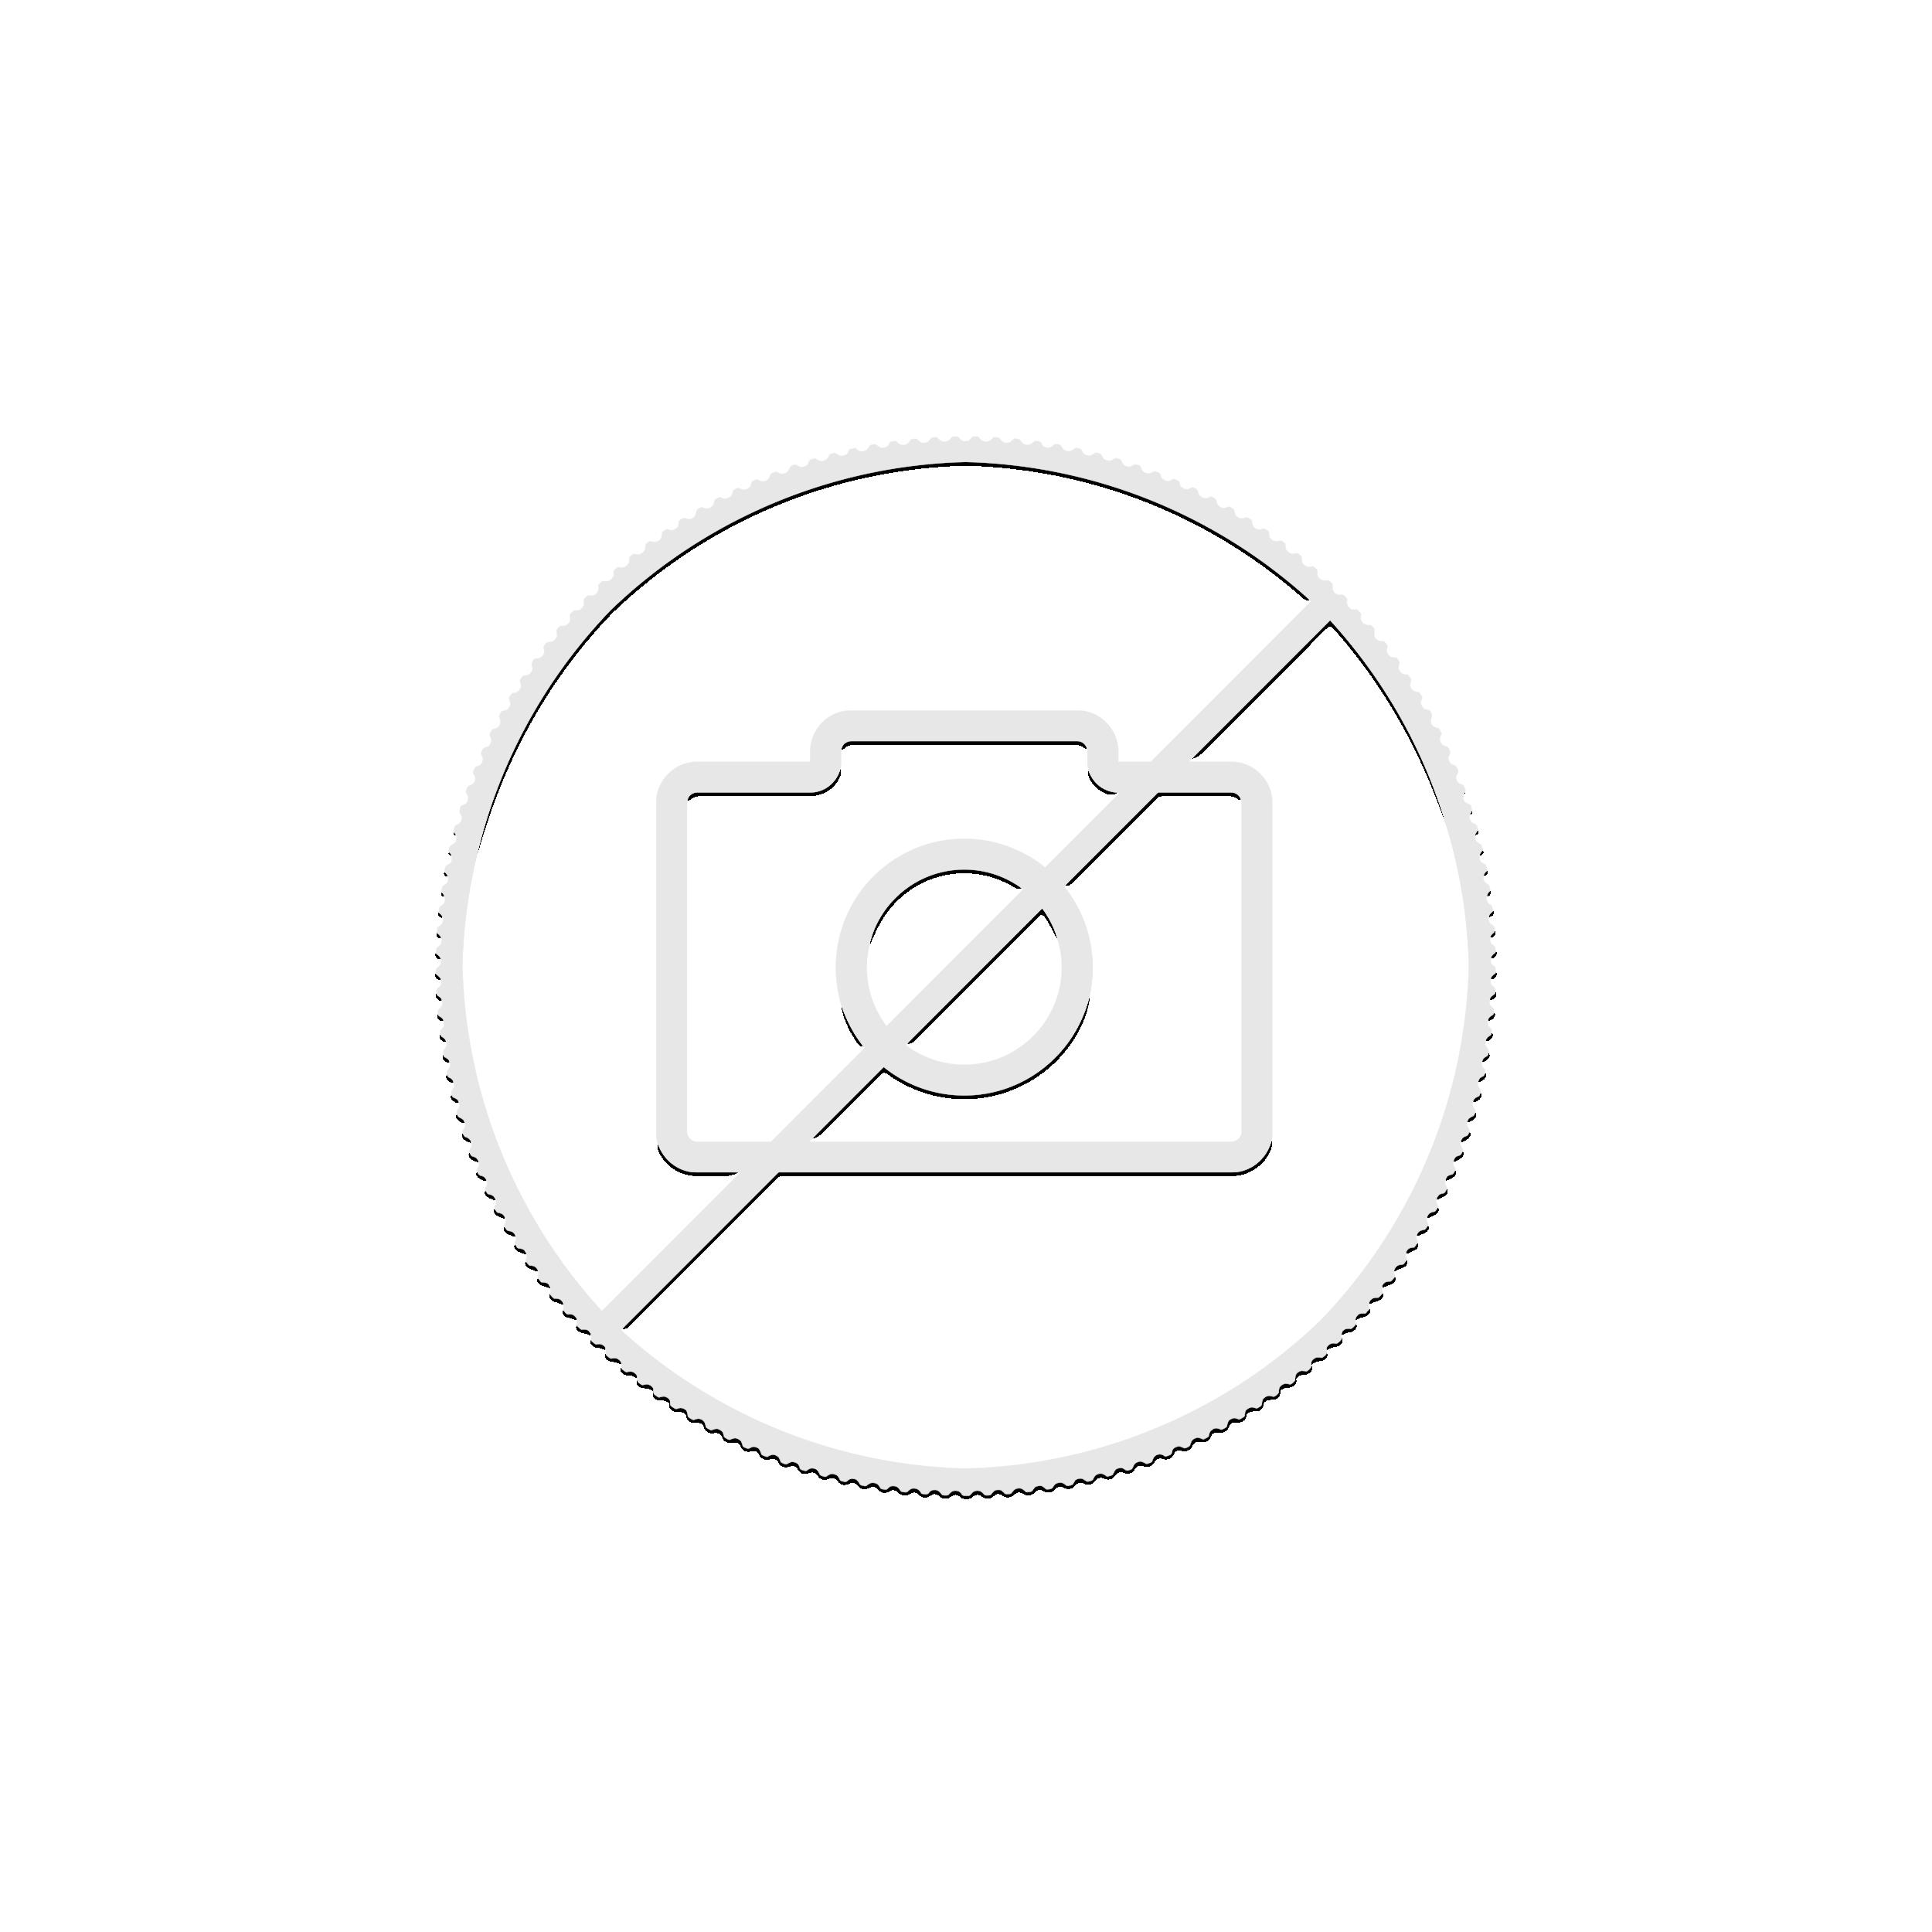 Zeldzaam: 1 troy ounce zilver Lunar Series I - Jaar van de muis 2008